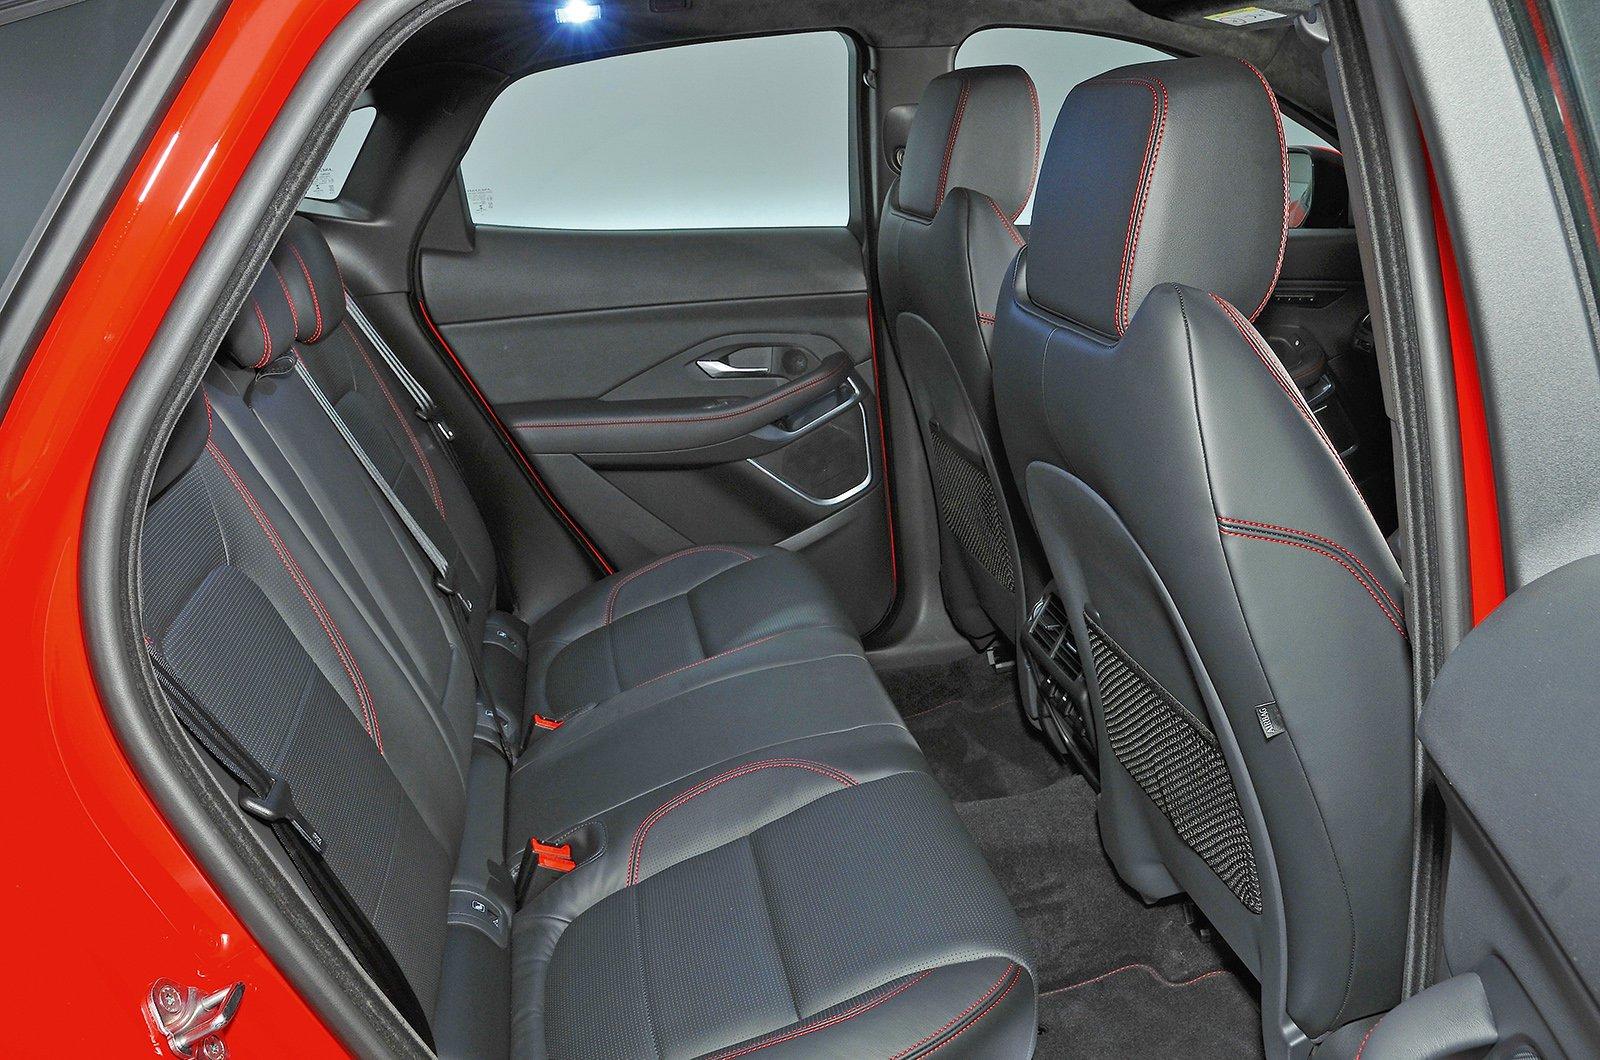 Jaguar E-Pace rear seats studio